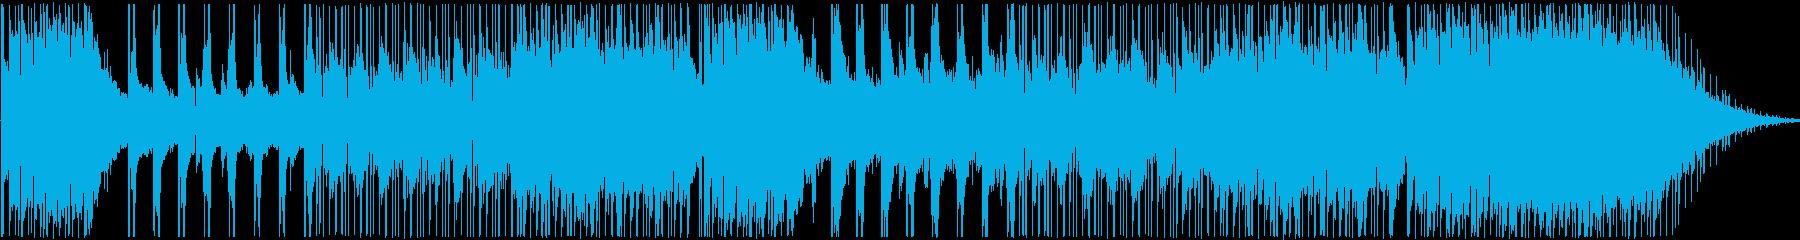 メランコリック。ピアノメイン。の再生済みの波形